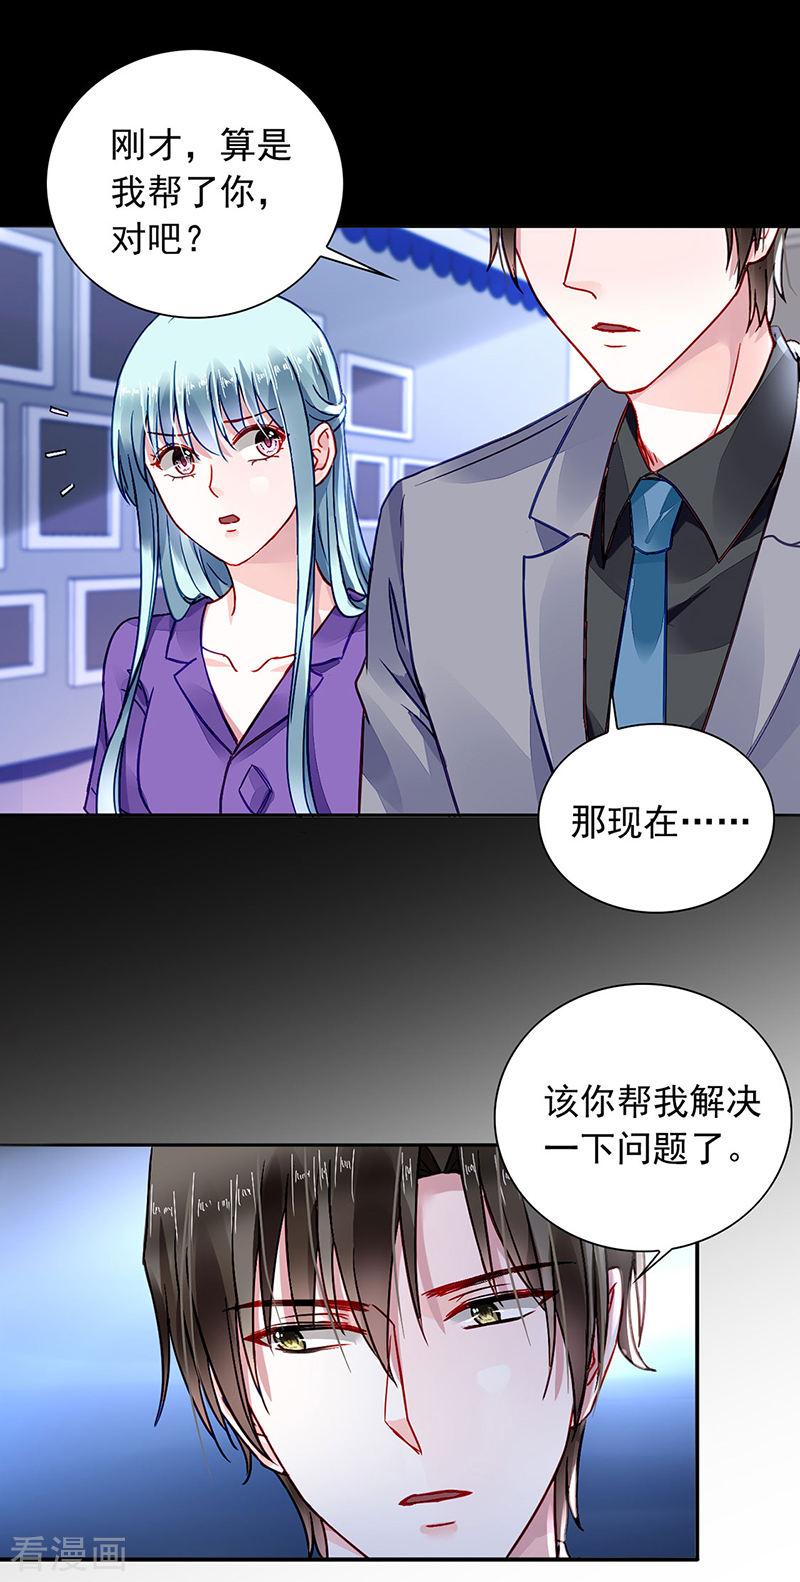 落難千金的逆襲: 191話 解圍 - 第16页